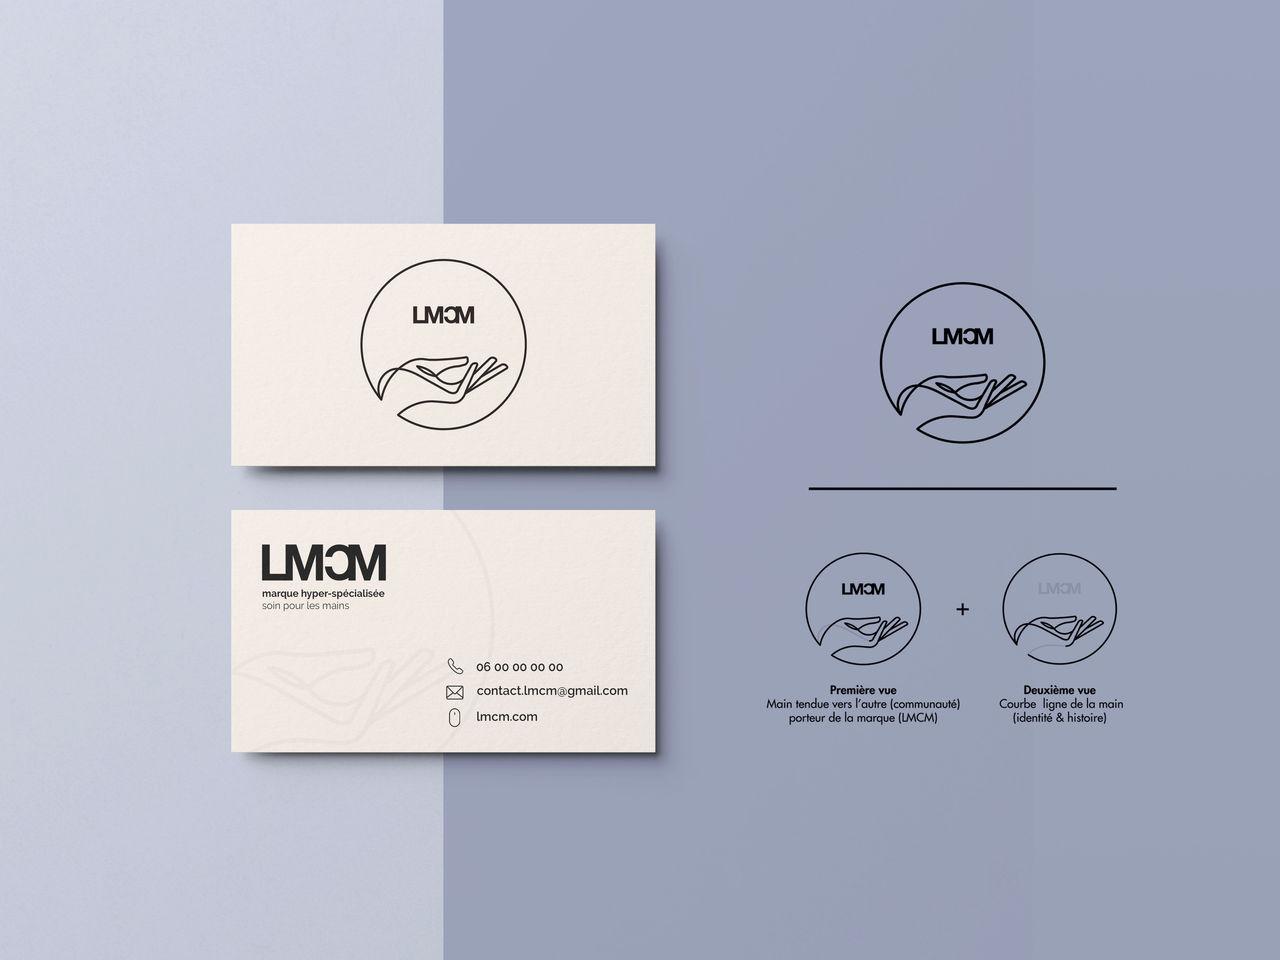 LMCM 🍶